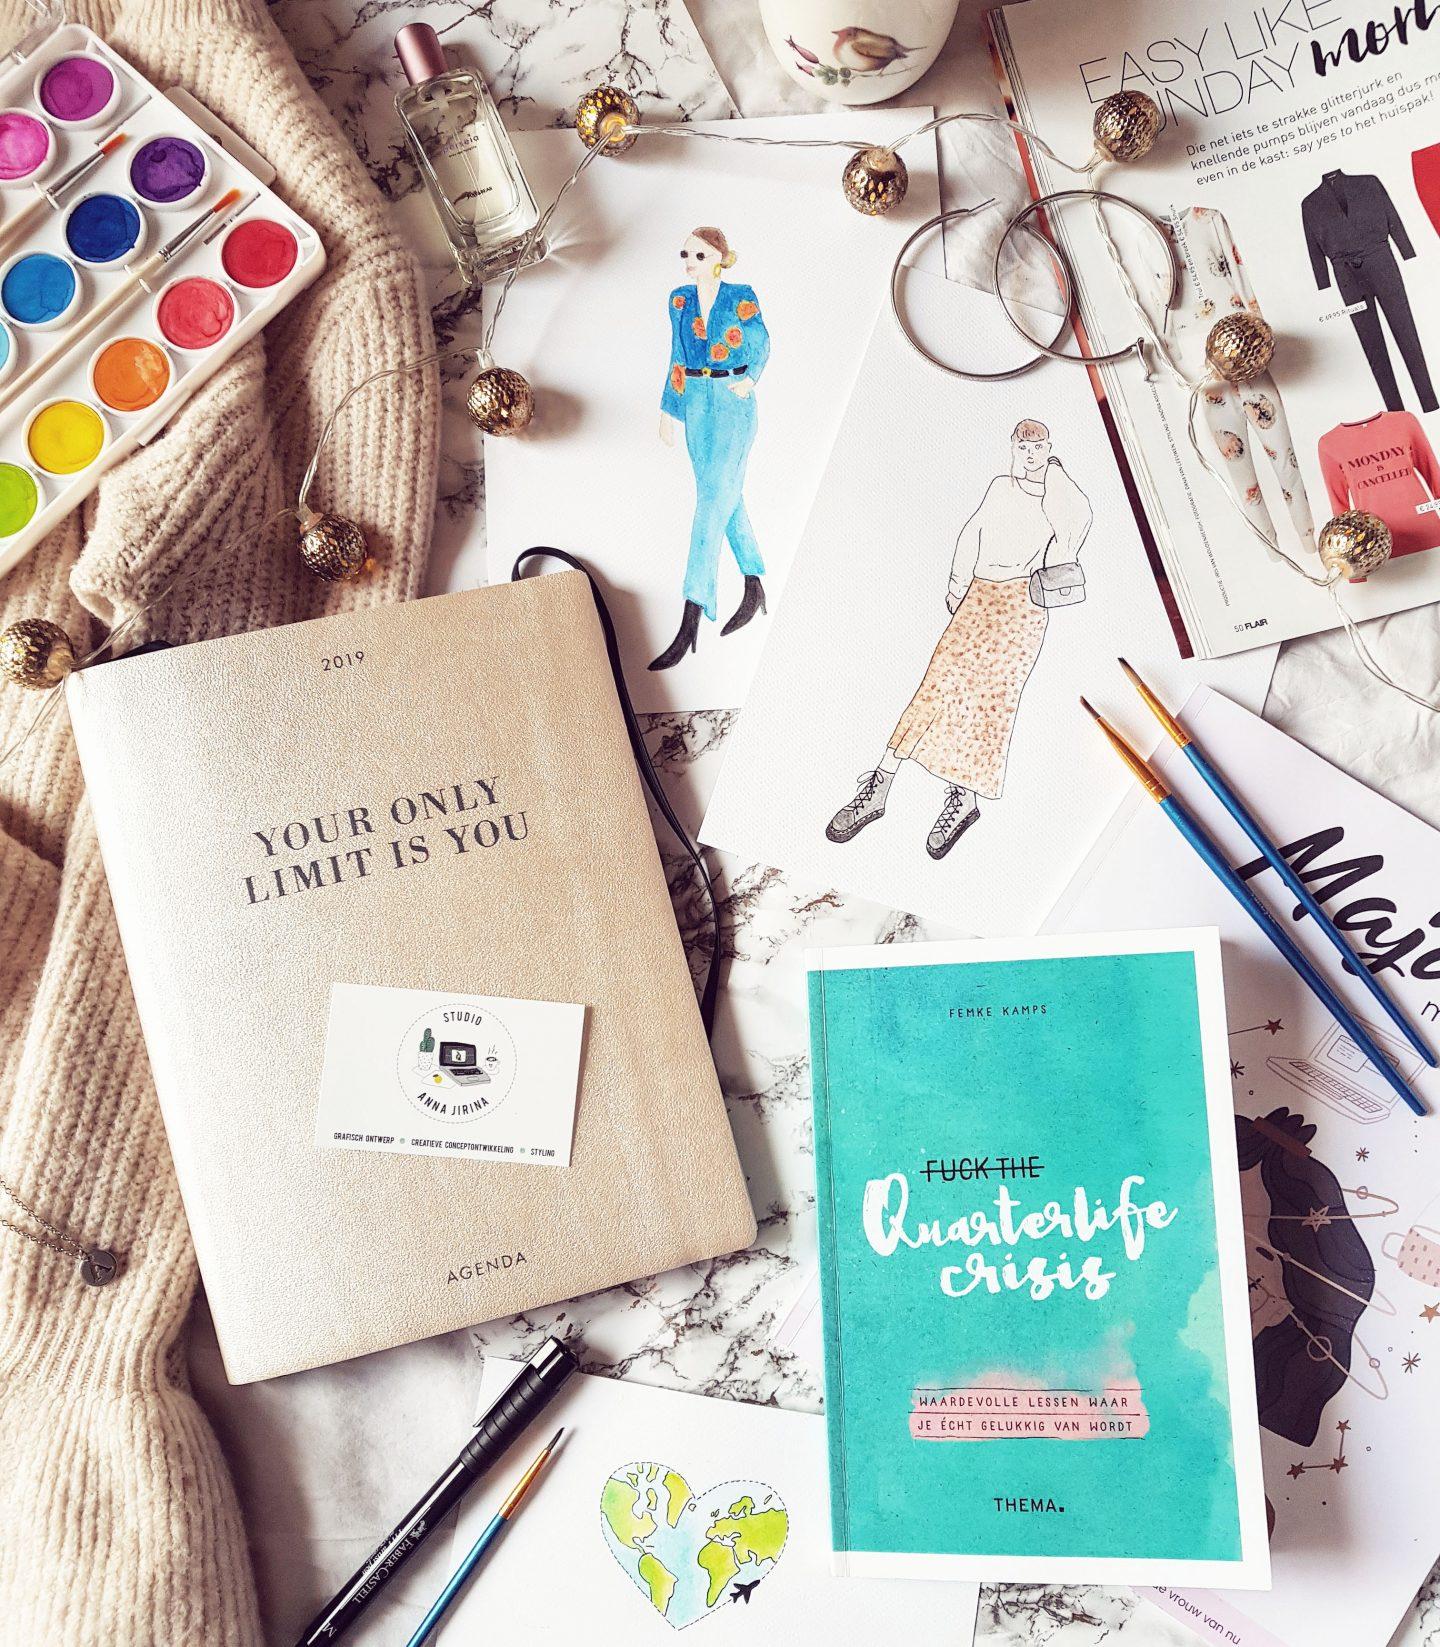 12 Kleine successen van mij als ondernemer in januari